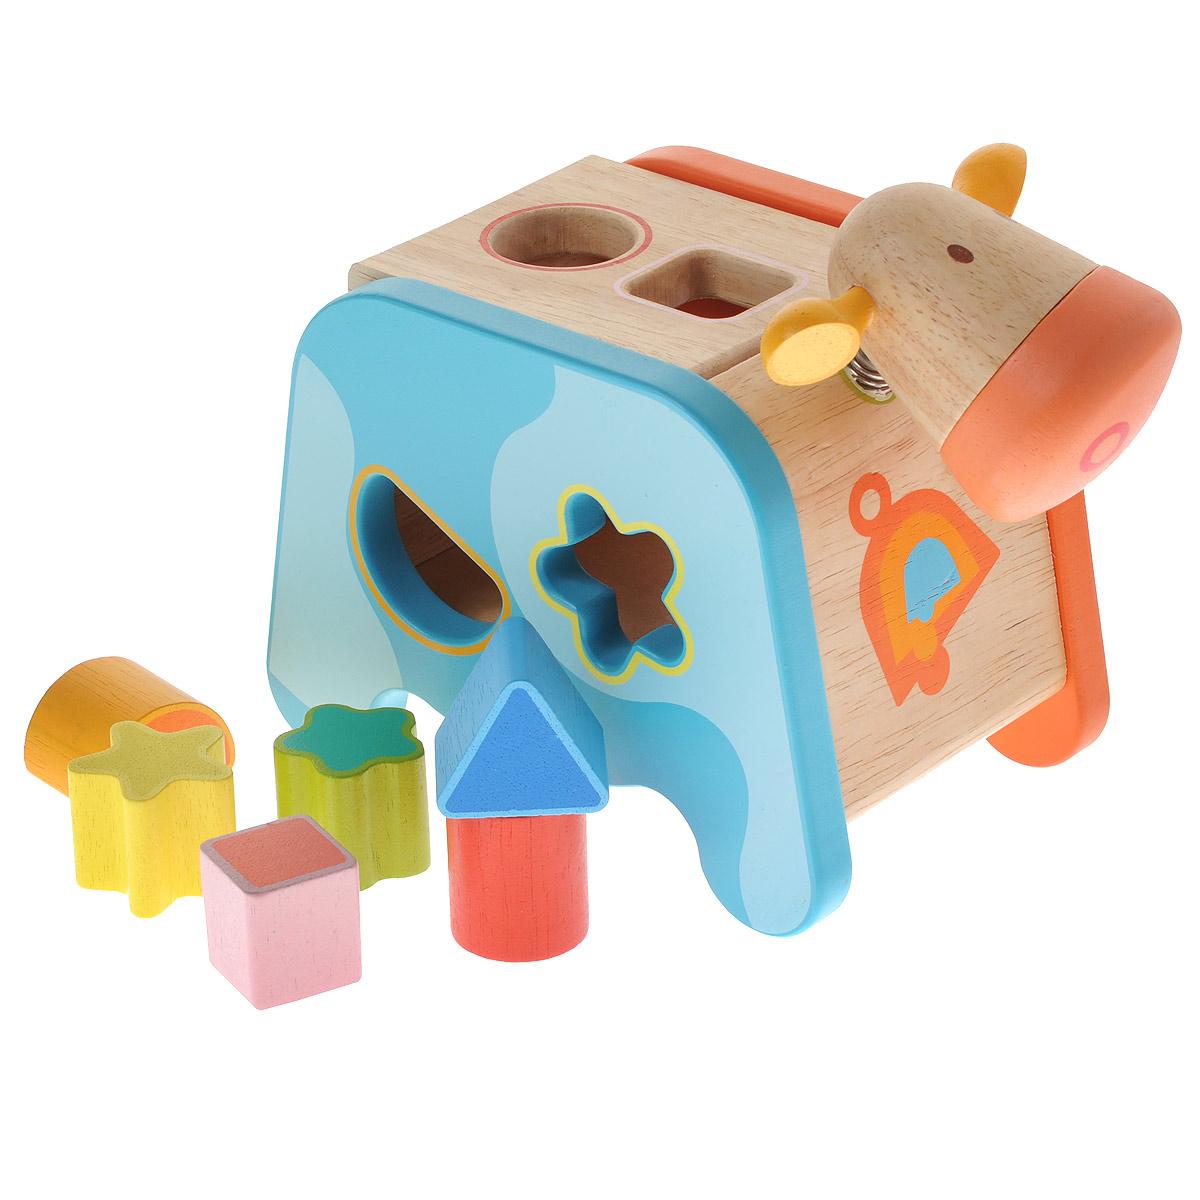 Djeco Игрушка-сортер Корова06309Яркая игрушка-сортер Djeco Корова привлечет внимание вашего ребенка и не позволит ему скучать. Она выполнена из дерева в виде симпатичной коровки с головкой на металлической пружинке и хвостиком-шнурком. На тельце имеются шесть отверстий разных форм. В комплект входят шесть фигурок: треугольник, квадрат, круг, цветочек, звездочка и полукруг. Задача малыша состоит в том, чтобы опустить фигурки в соответствующие им отверстия. Когда все они окажутся внутри сортера, их можно достать, откинув крышку на спине коровки. Края игрушки закруглены, что делает ее безопасной для игр с детьми от одного года. Во время игры ребенок познакомится с основными цветами, научится различать фигуры, форму и цвет, разовьет логическое мышление и мелкую моторику пальчиков рук.